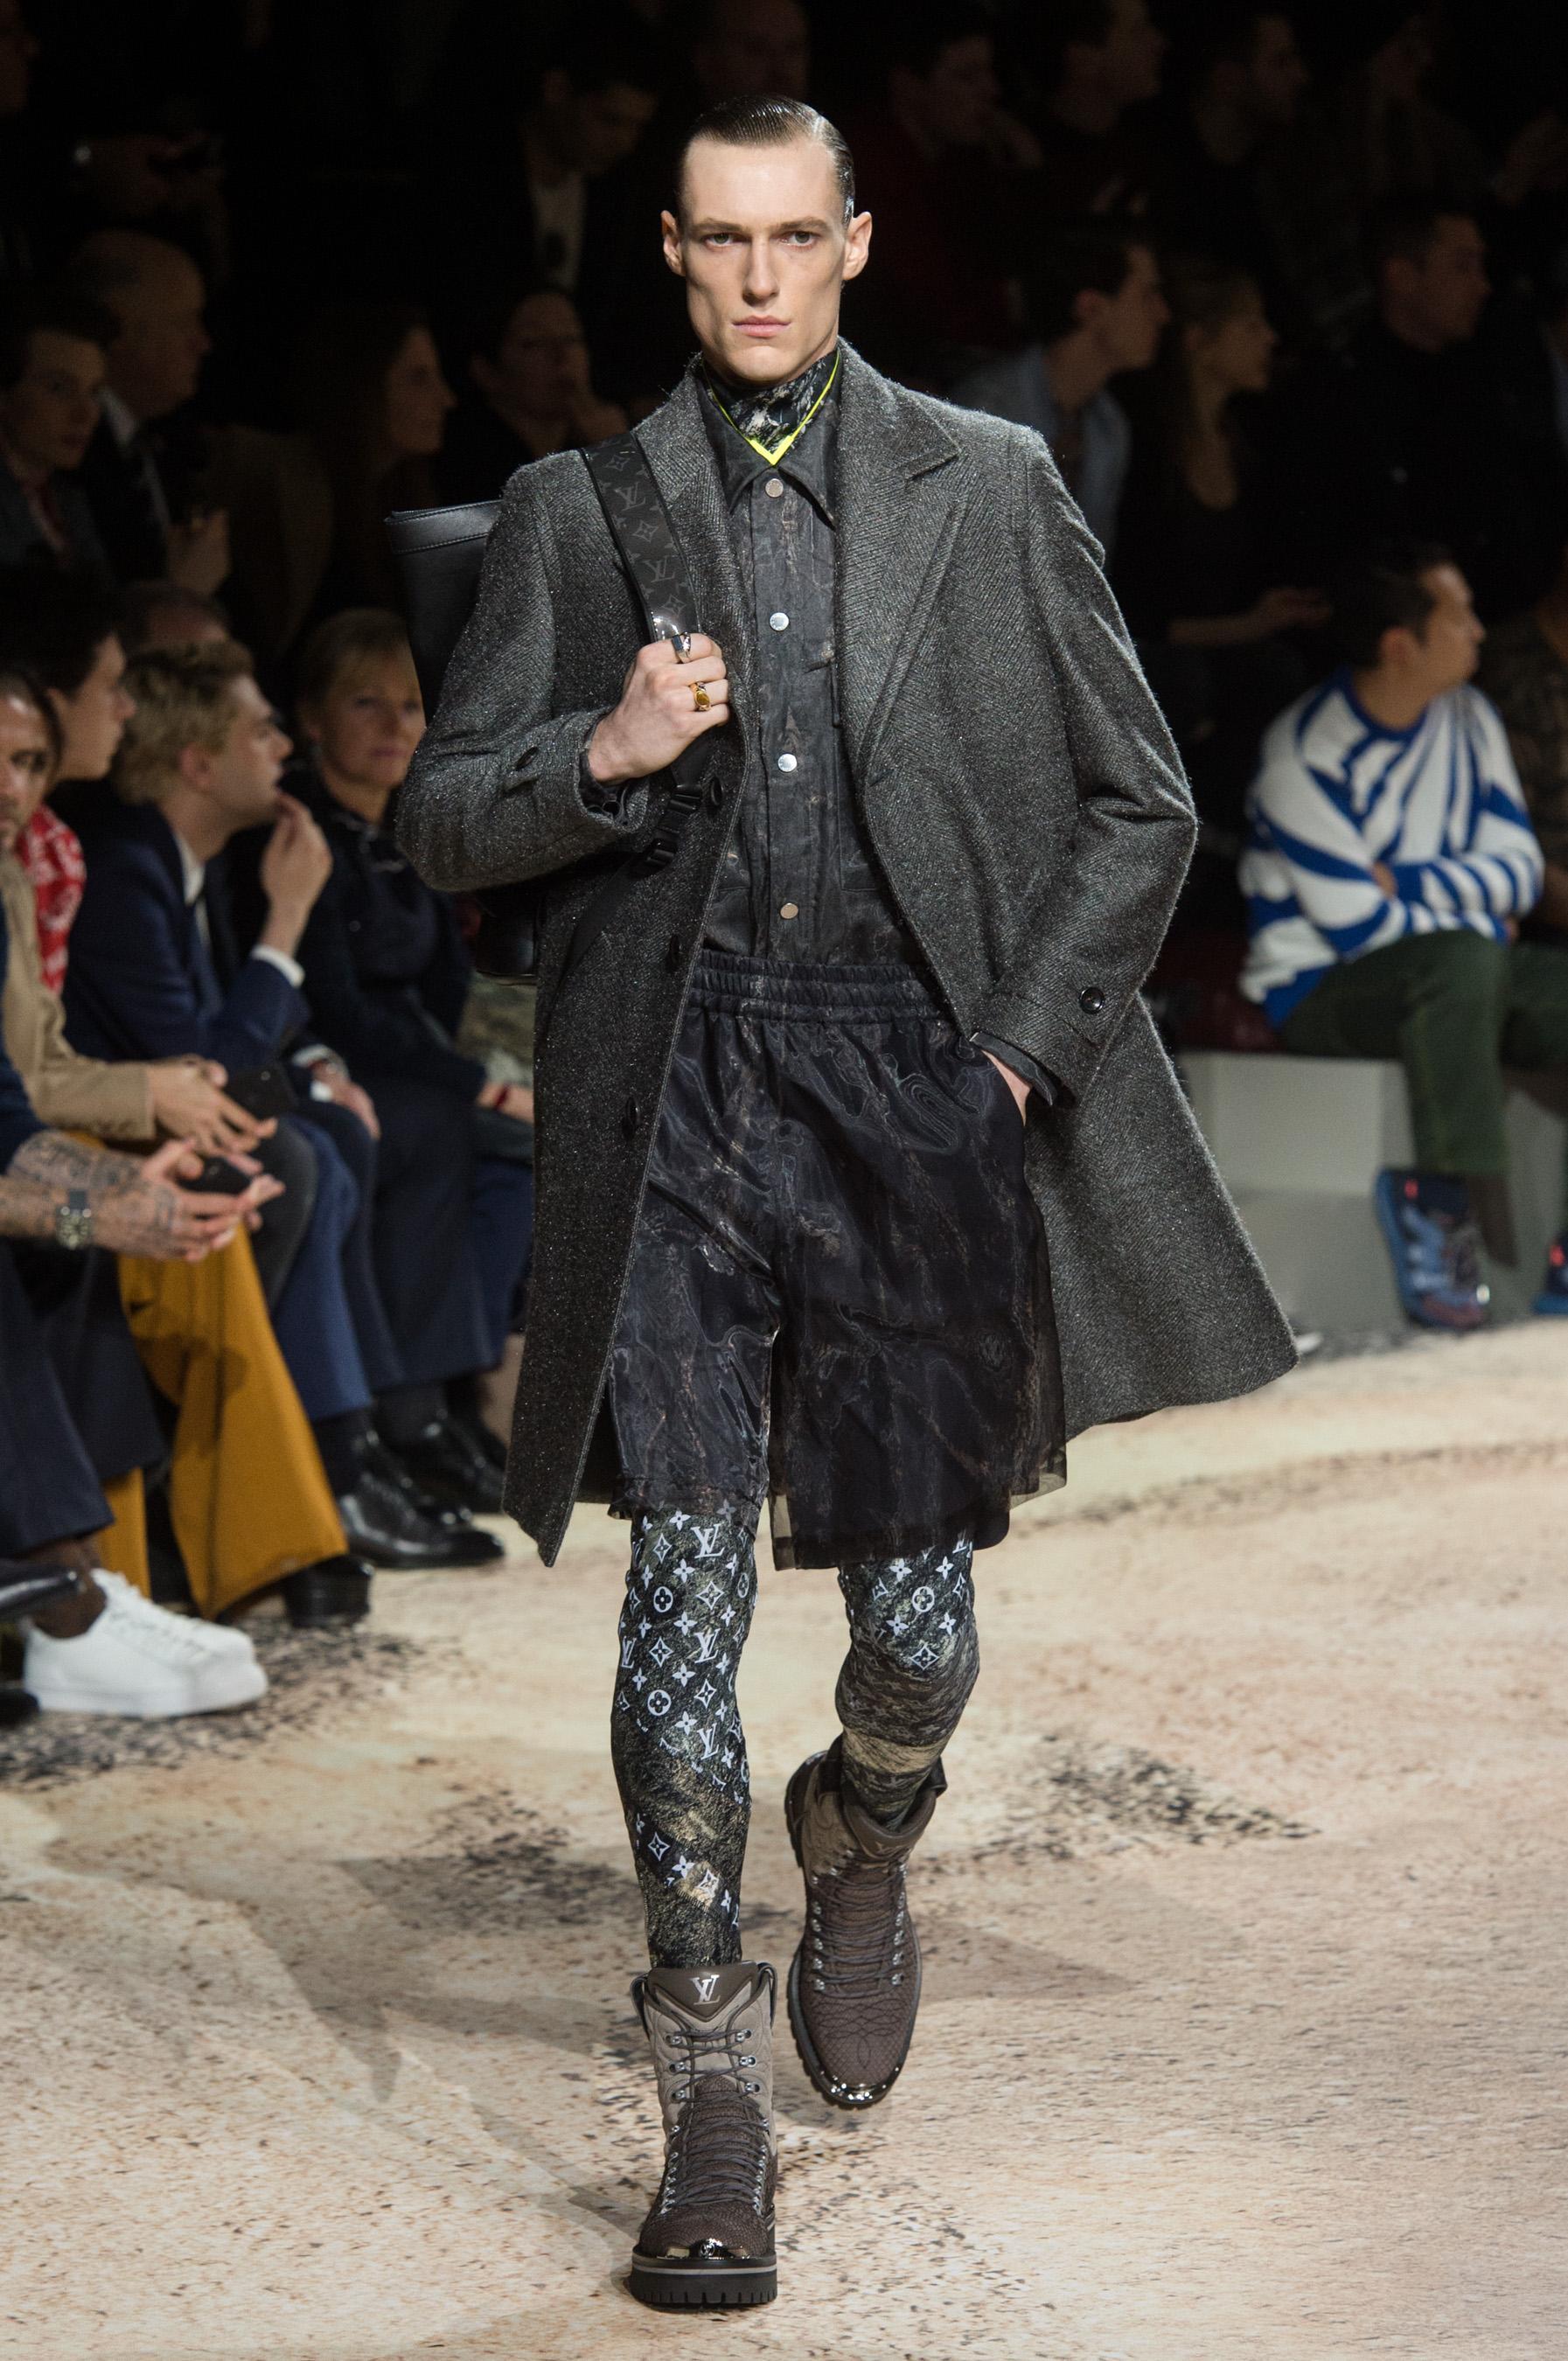 7870269fee1 Défilé Louis Vuitton automne-hiver 2018-2019 Homme - Madame Figaro